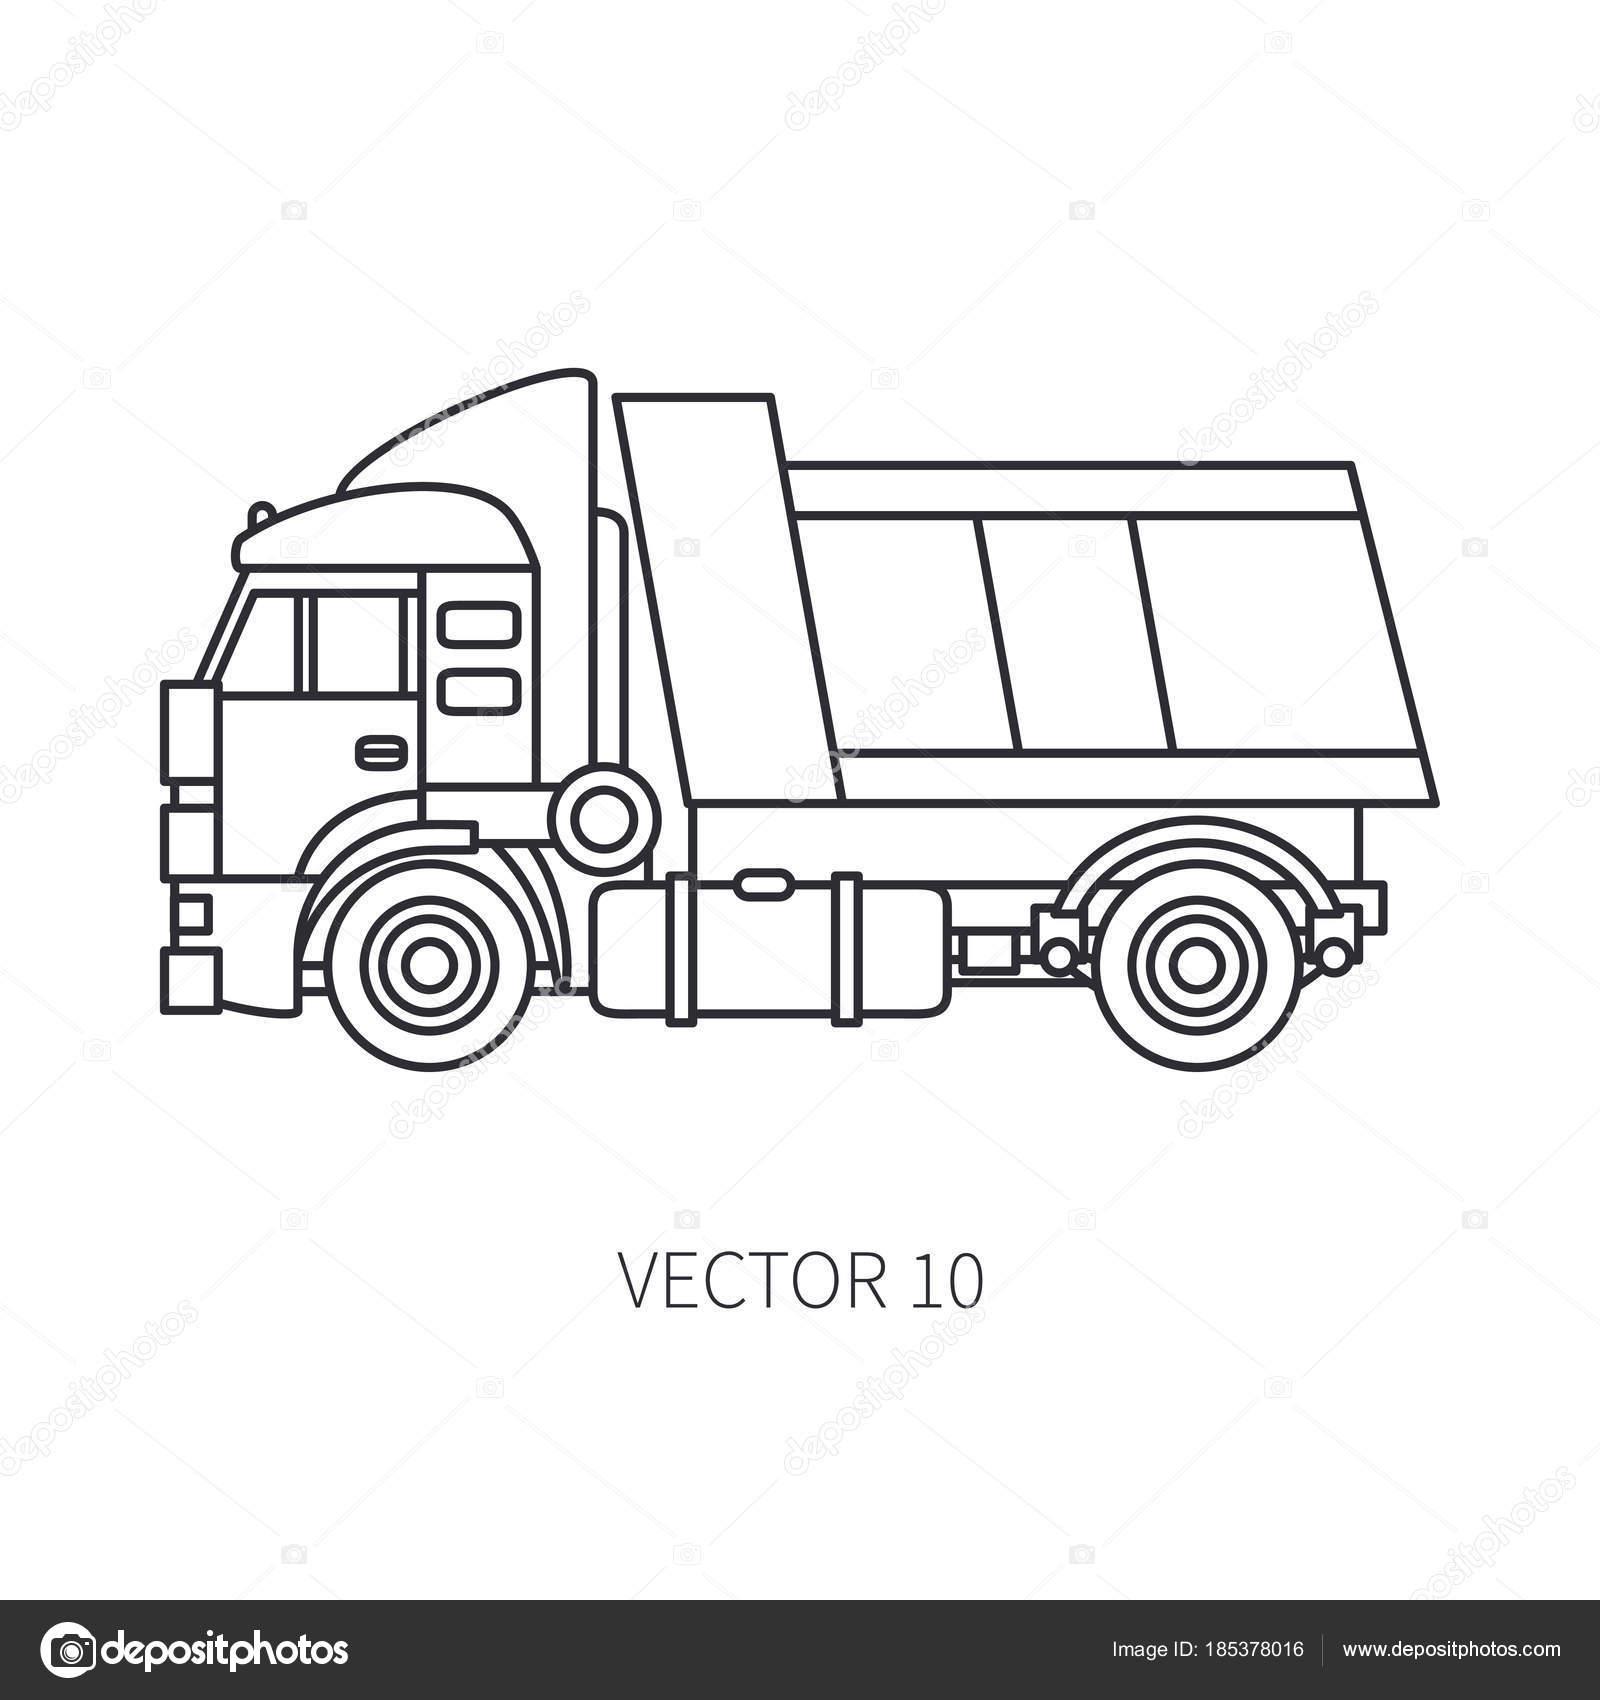 Linea piatta vettoriale icona costruzione macchine camion for Programma per disegnare arredamento